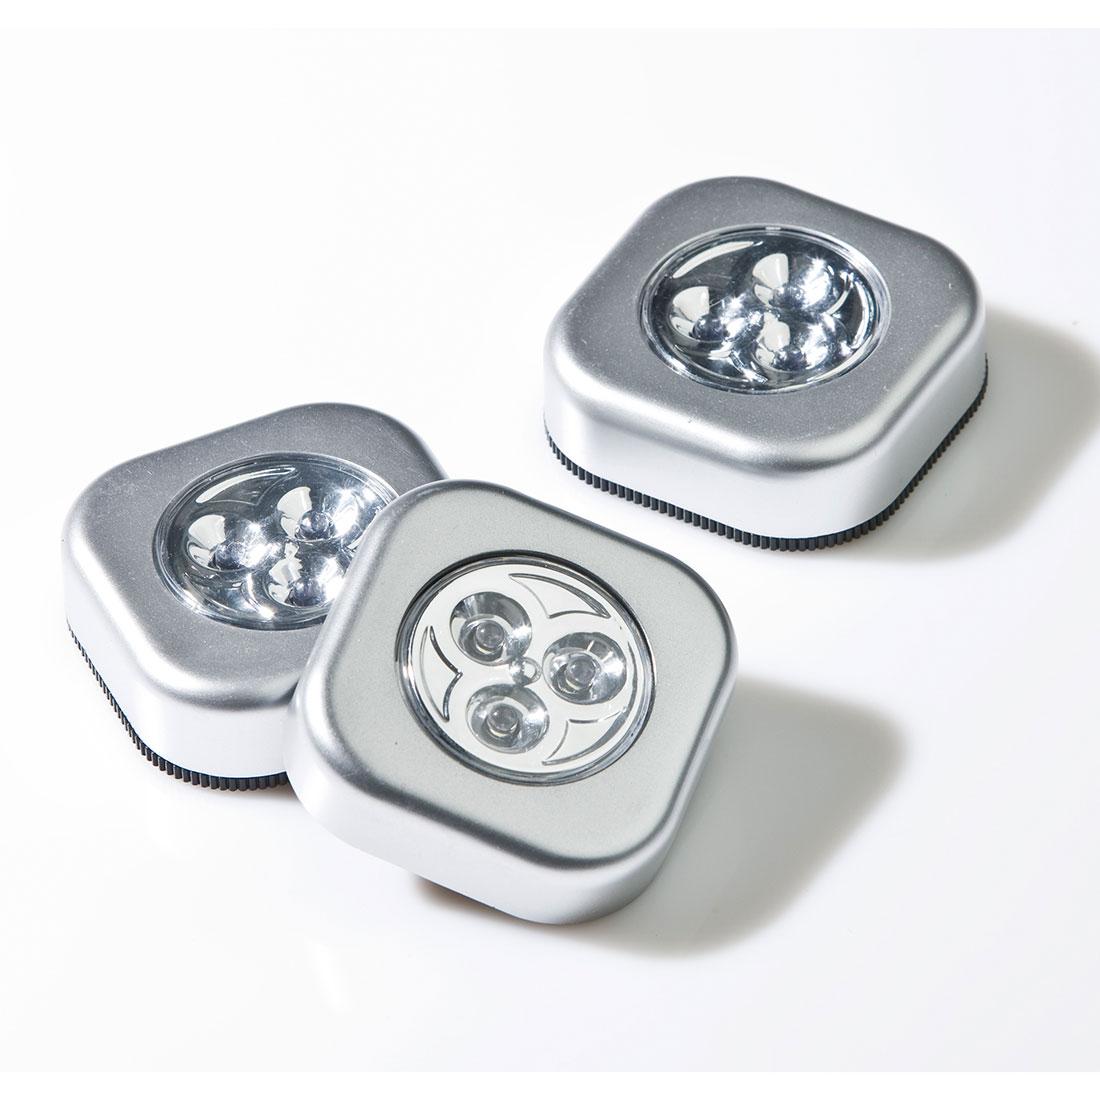 Светильники светодиодные, 3 штуки [06803],